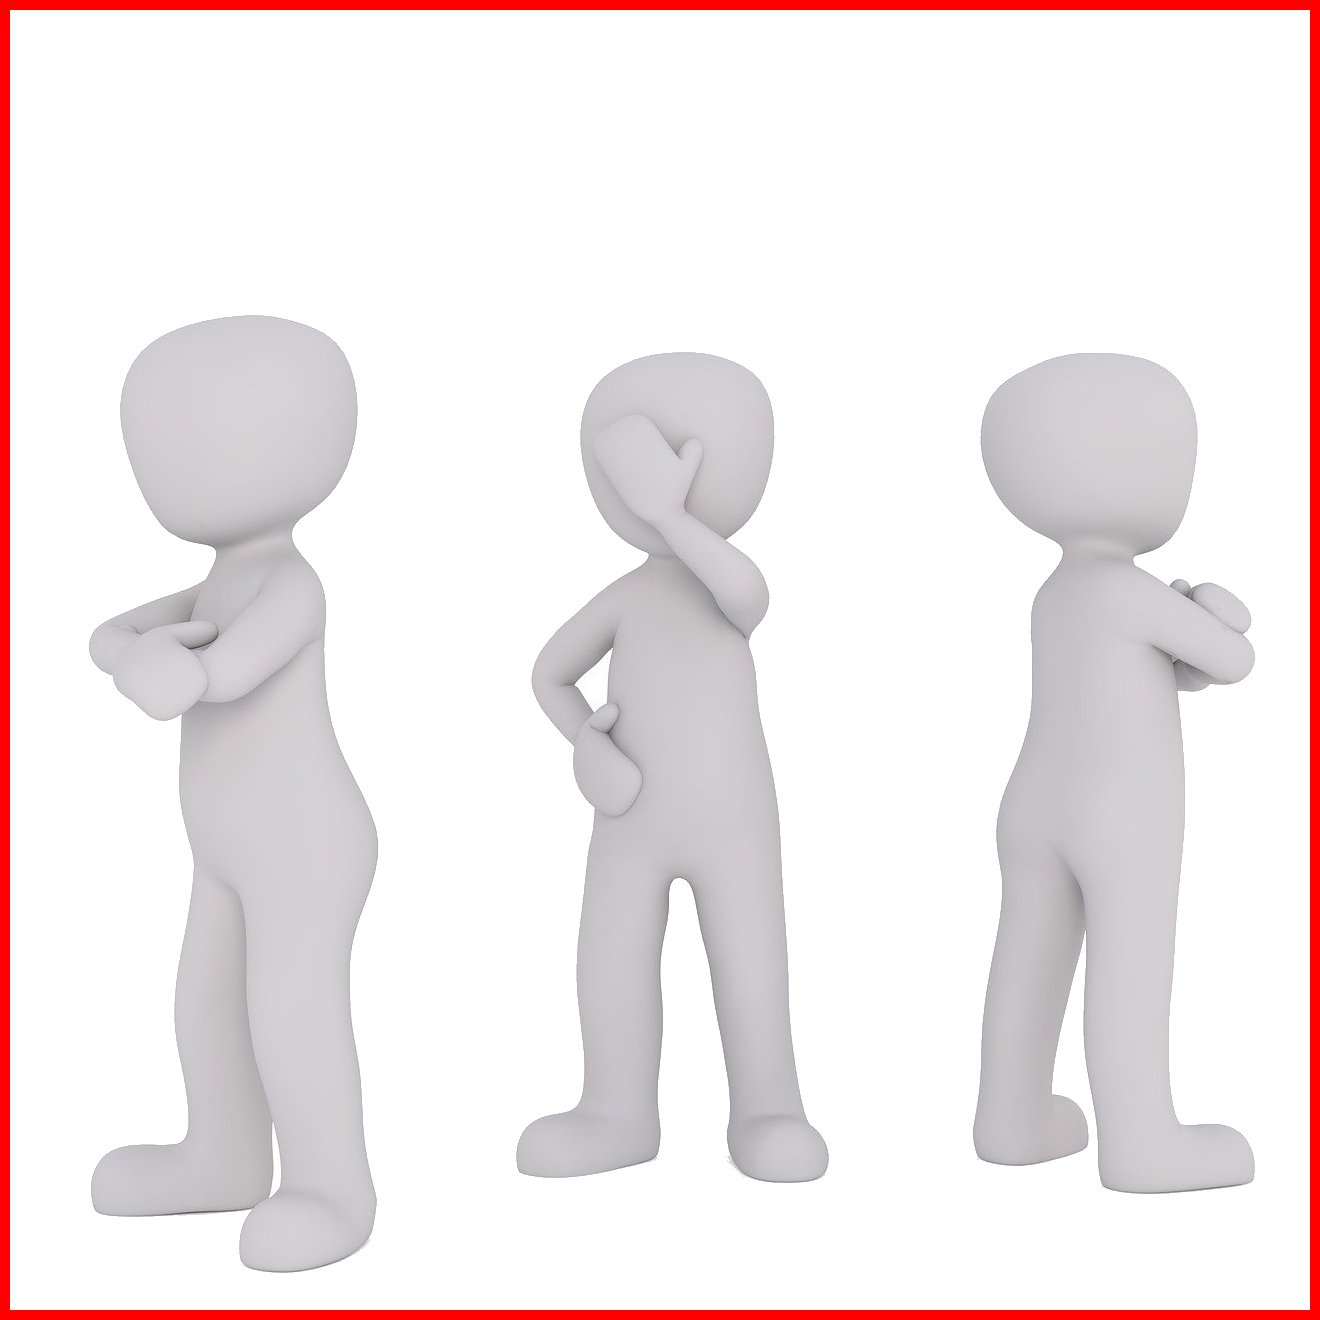 Konfliktfähig im Ehrenamt: Konflikte erkennen, verstehen und bearbeiten